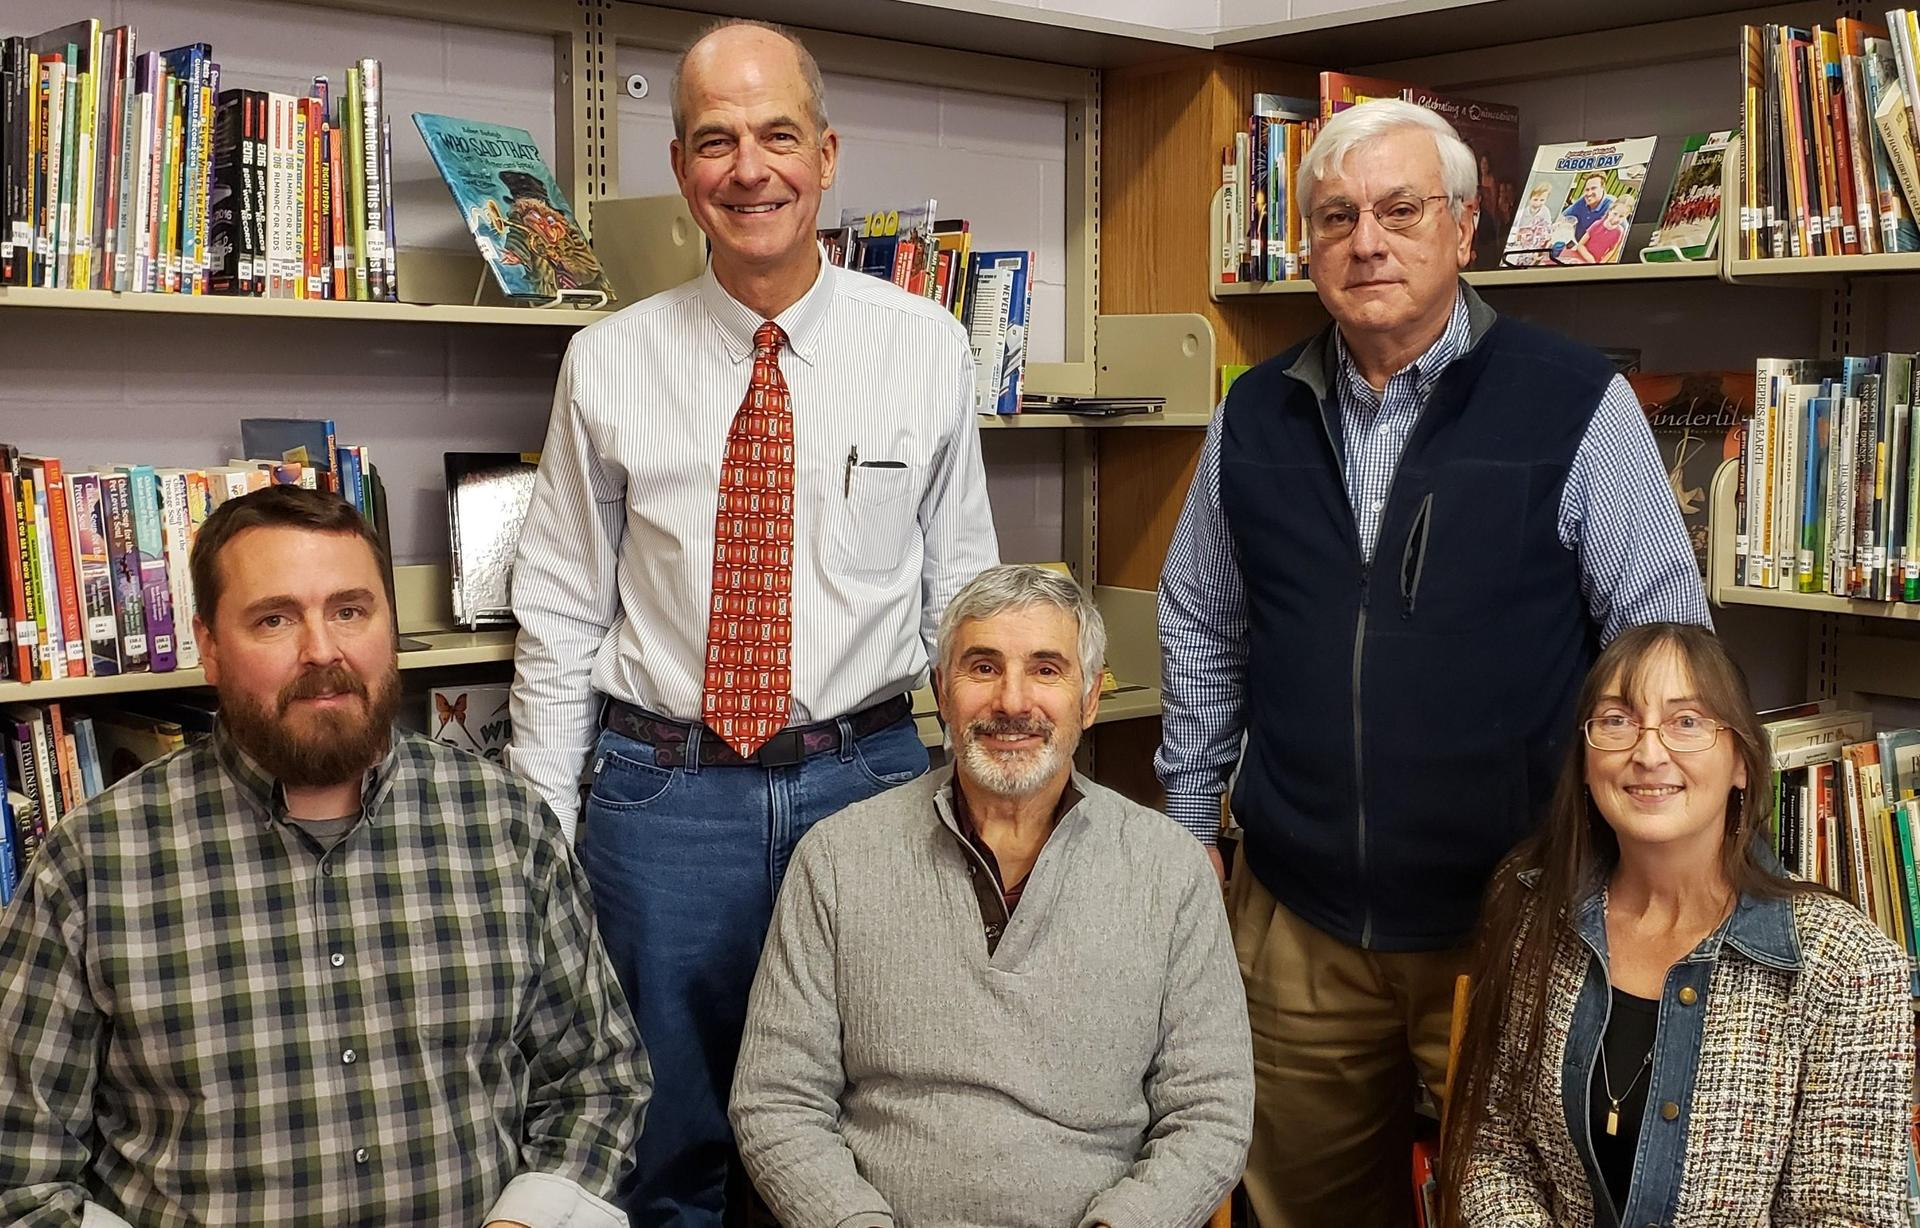 Marlborough School Board - Jeffrey Miller, Joseph Puleo, Andrew Felegara, Mark Polifrone, and Diane Neilsen